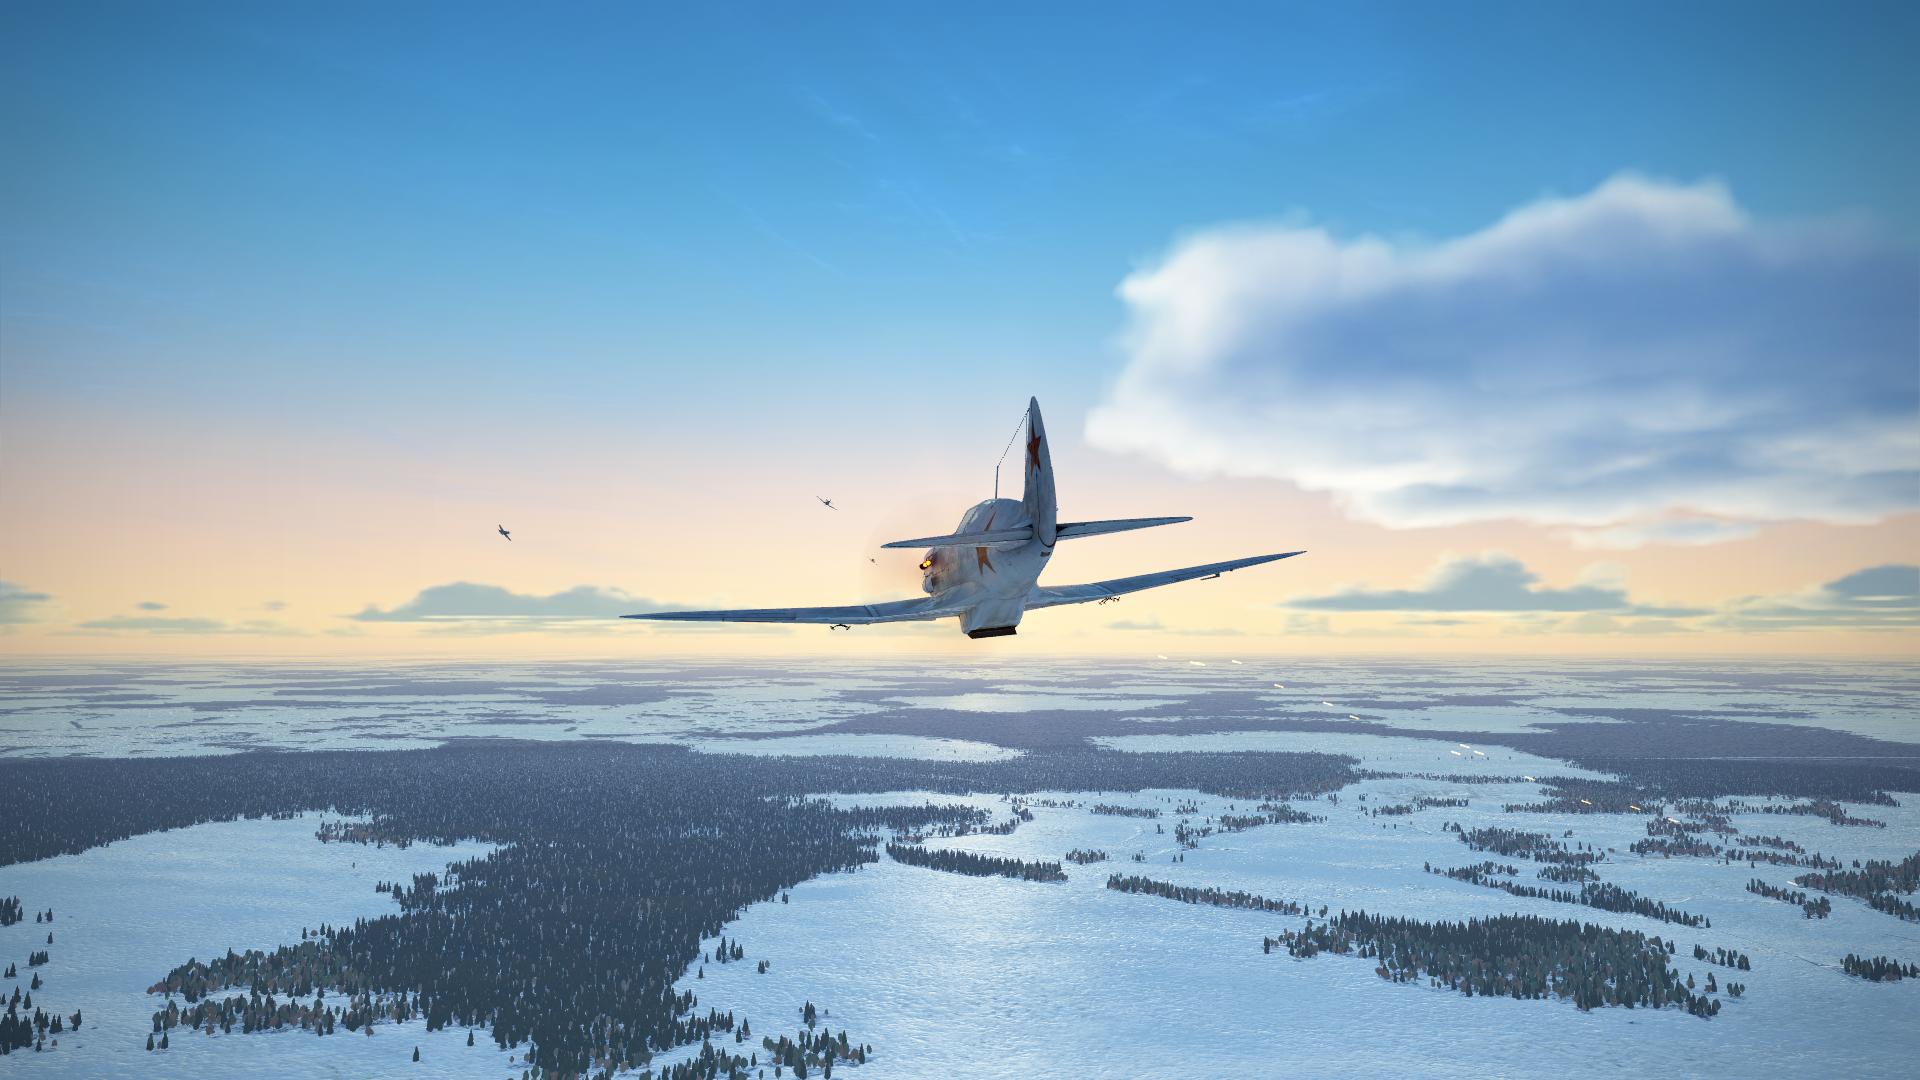 IL-2 Sturmovik Battle of Stalingrad Screenshot 2019.11.30 - 15.37.19.05.png